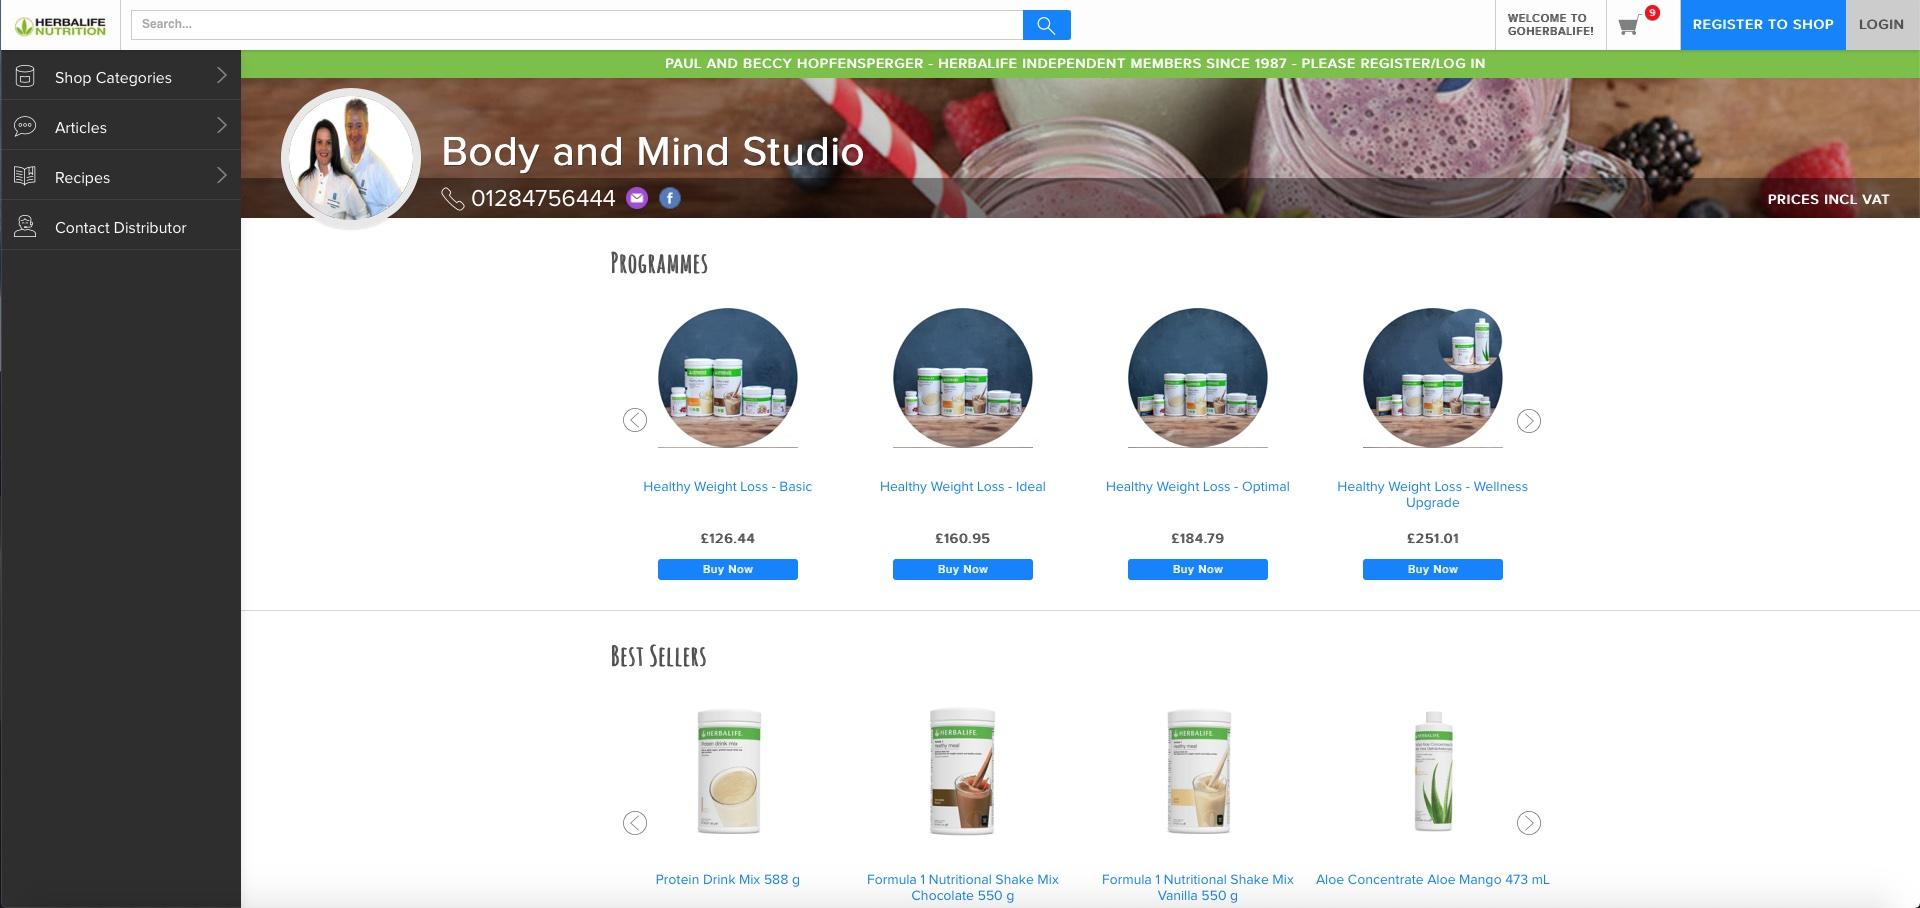 Body and Mind Studio - Herbalife Online Shop